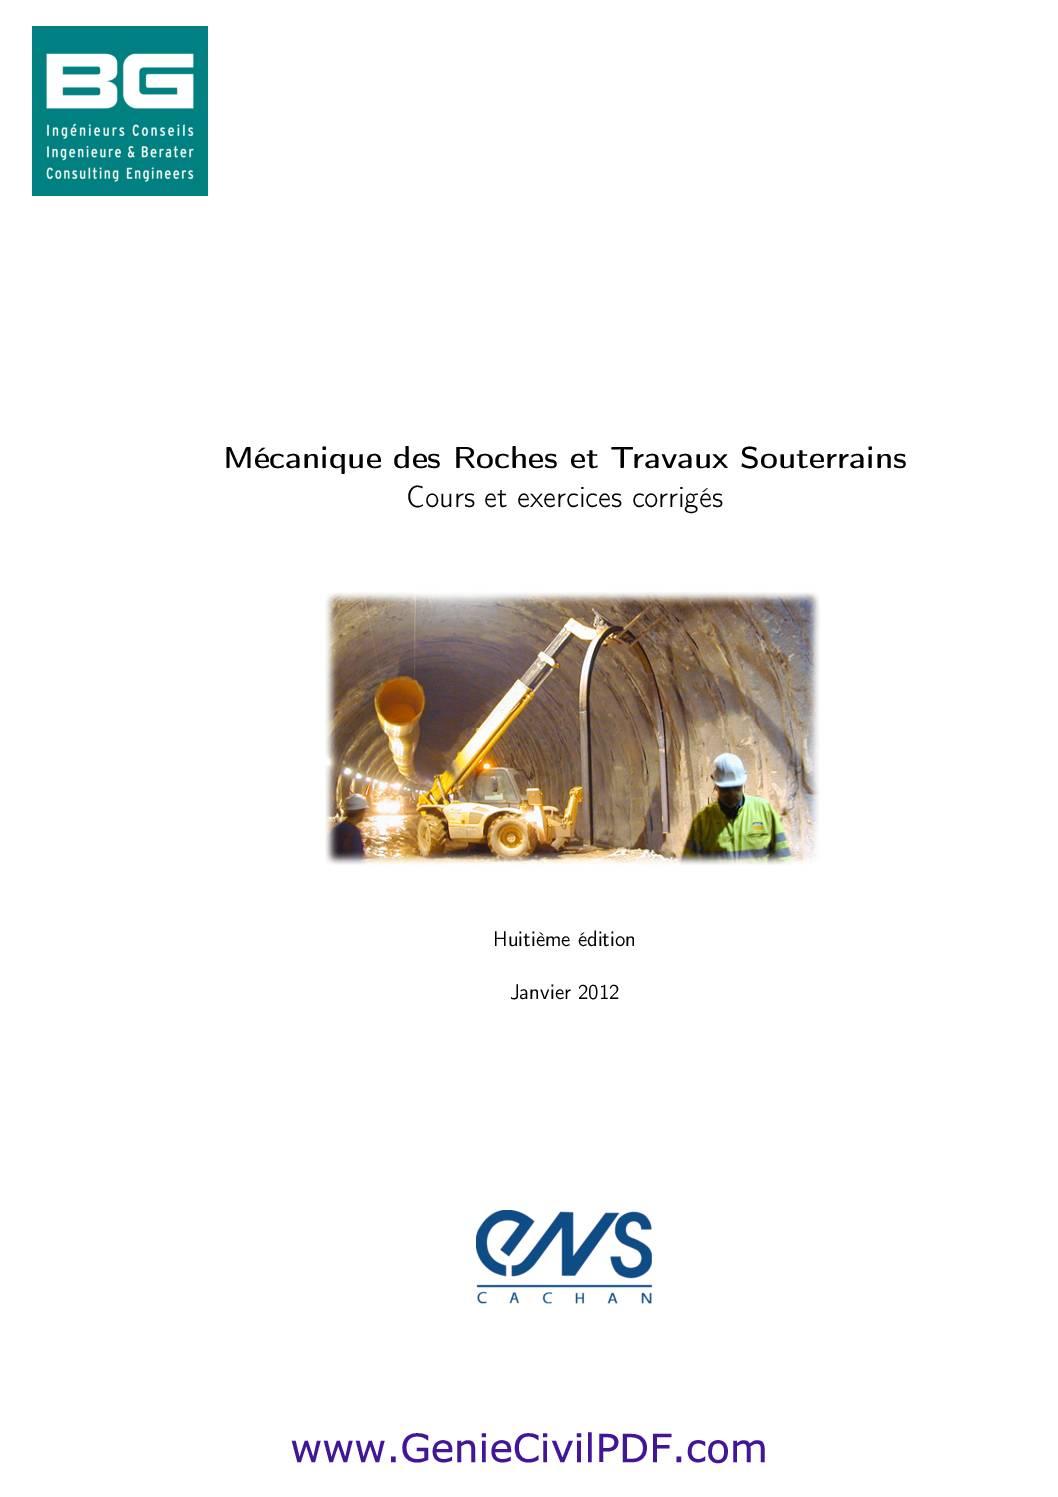 Mécanique des Roches et Travaux Souterrains